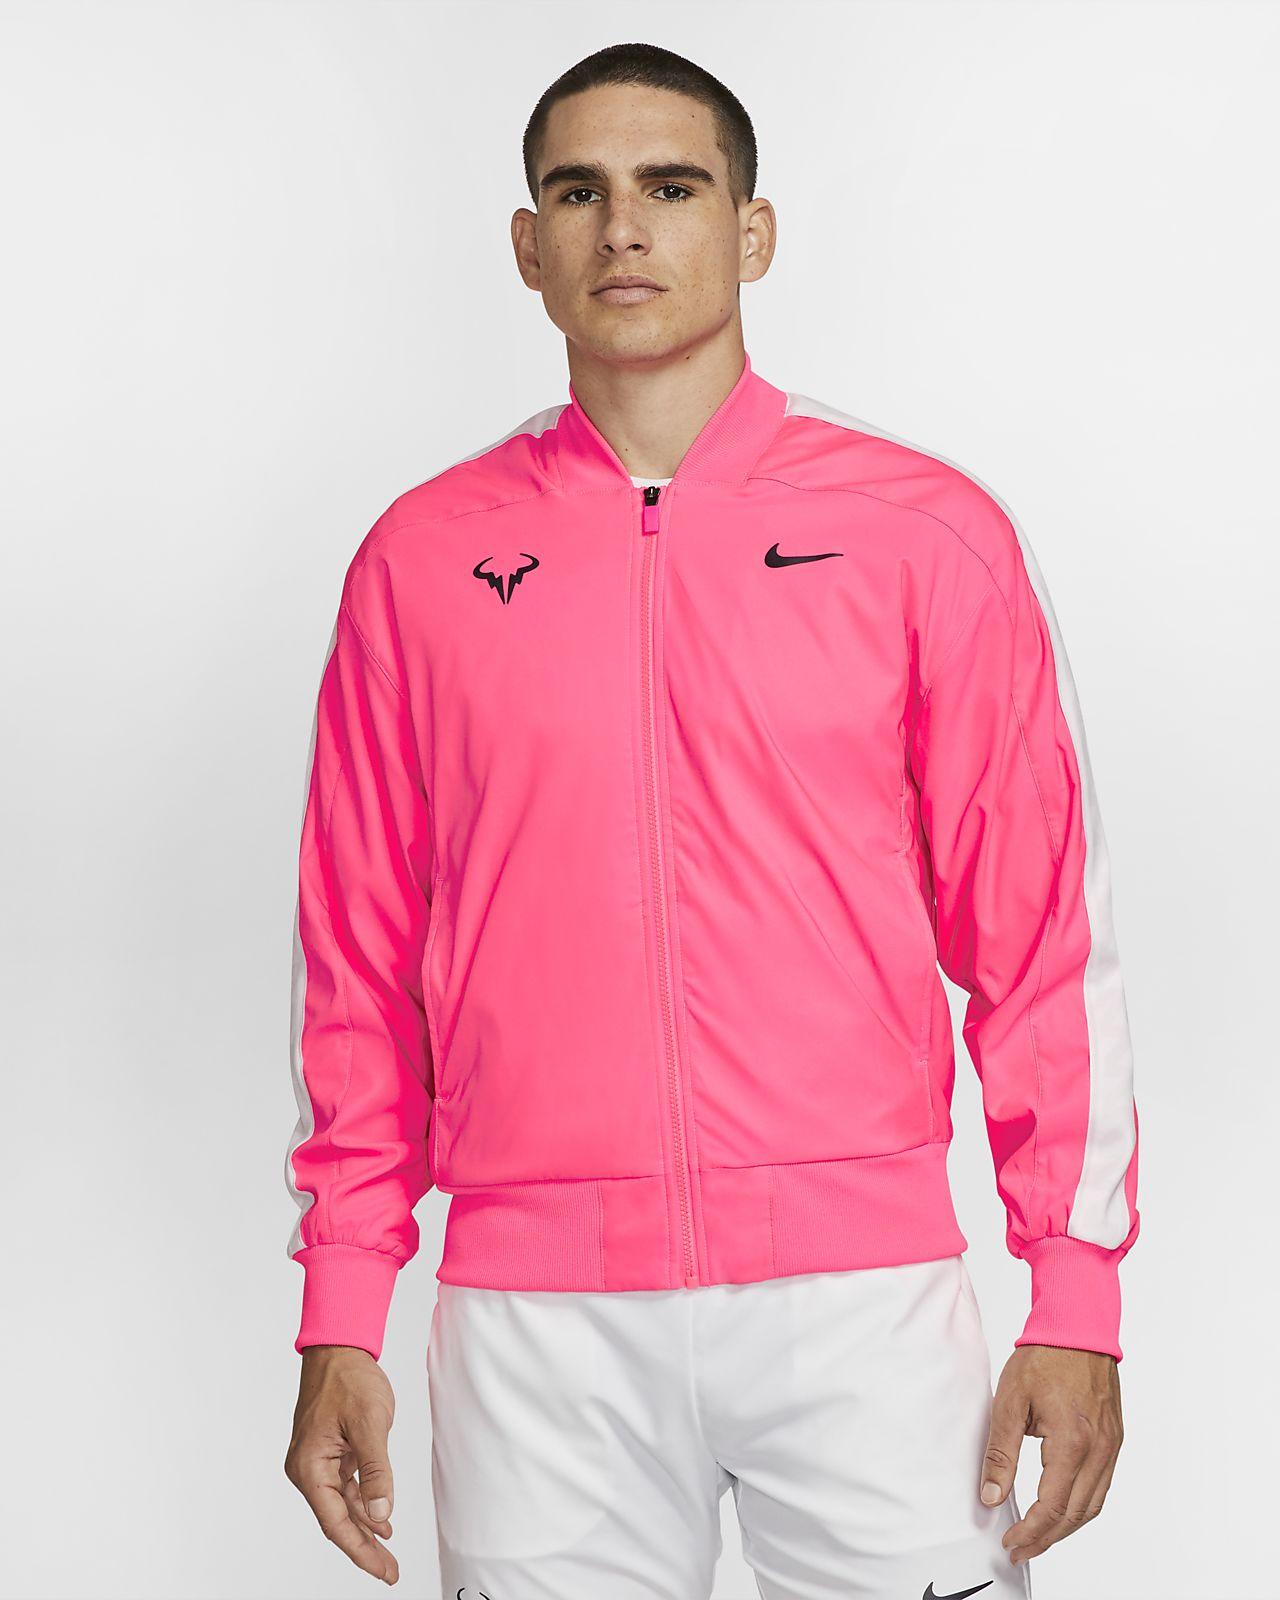 Rafa tennisjakke til herre